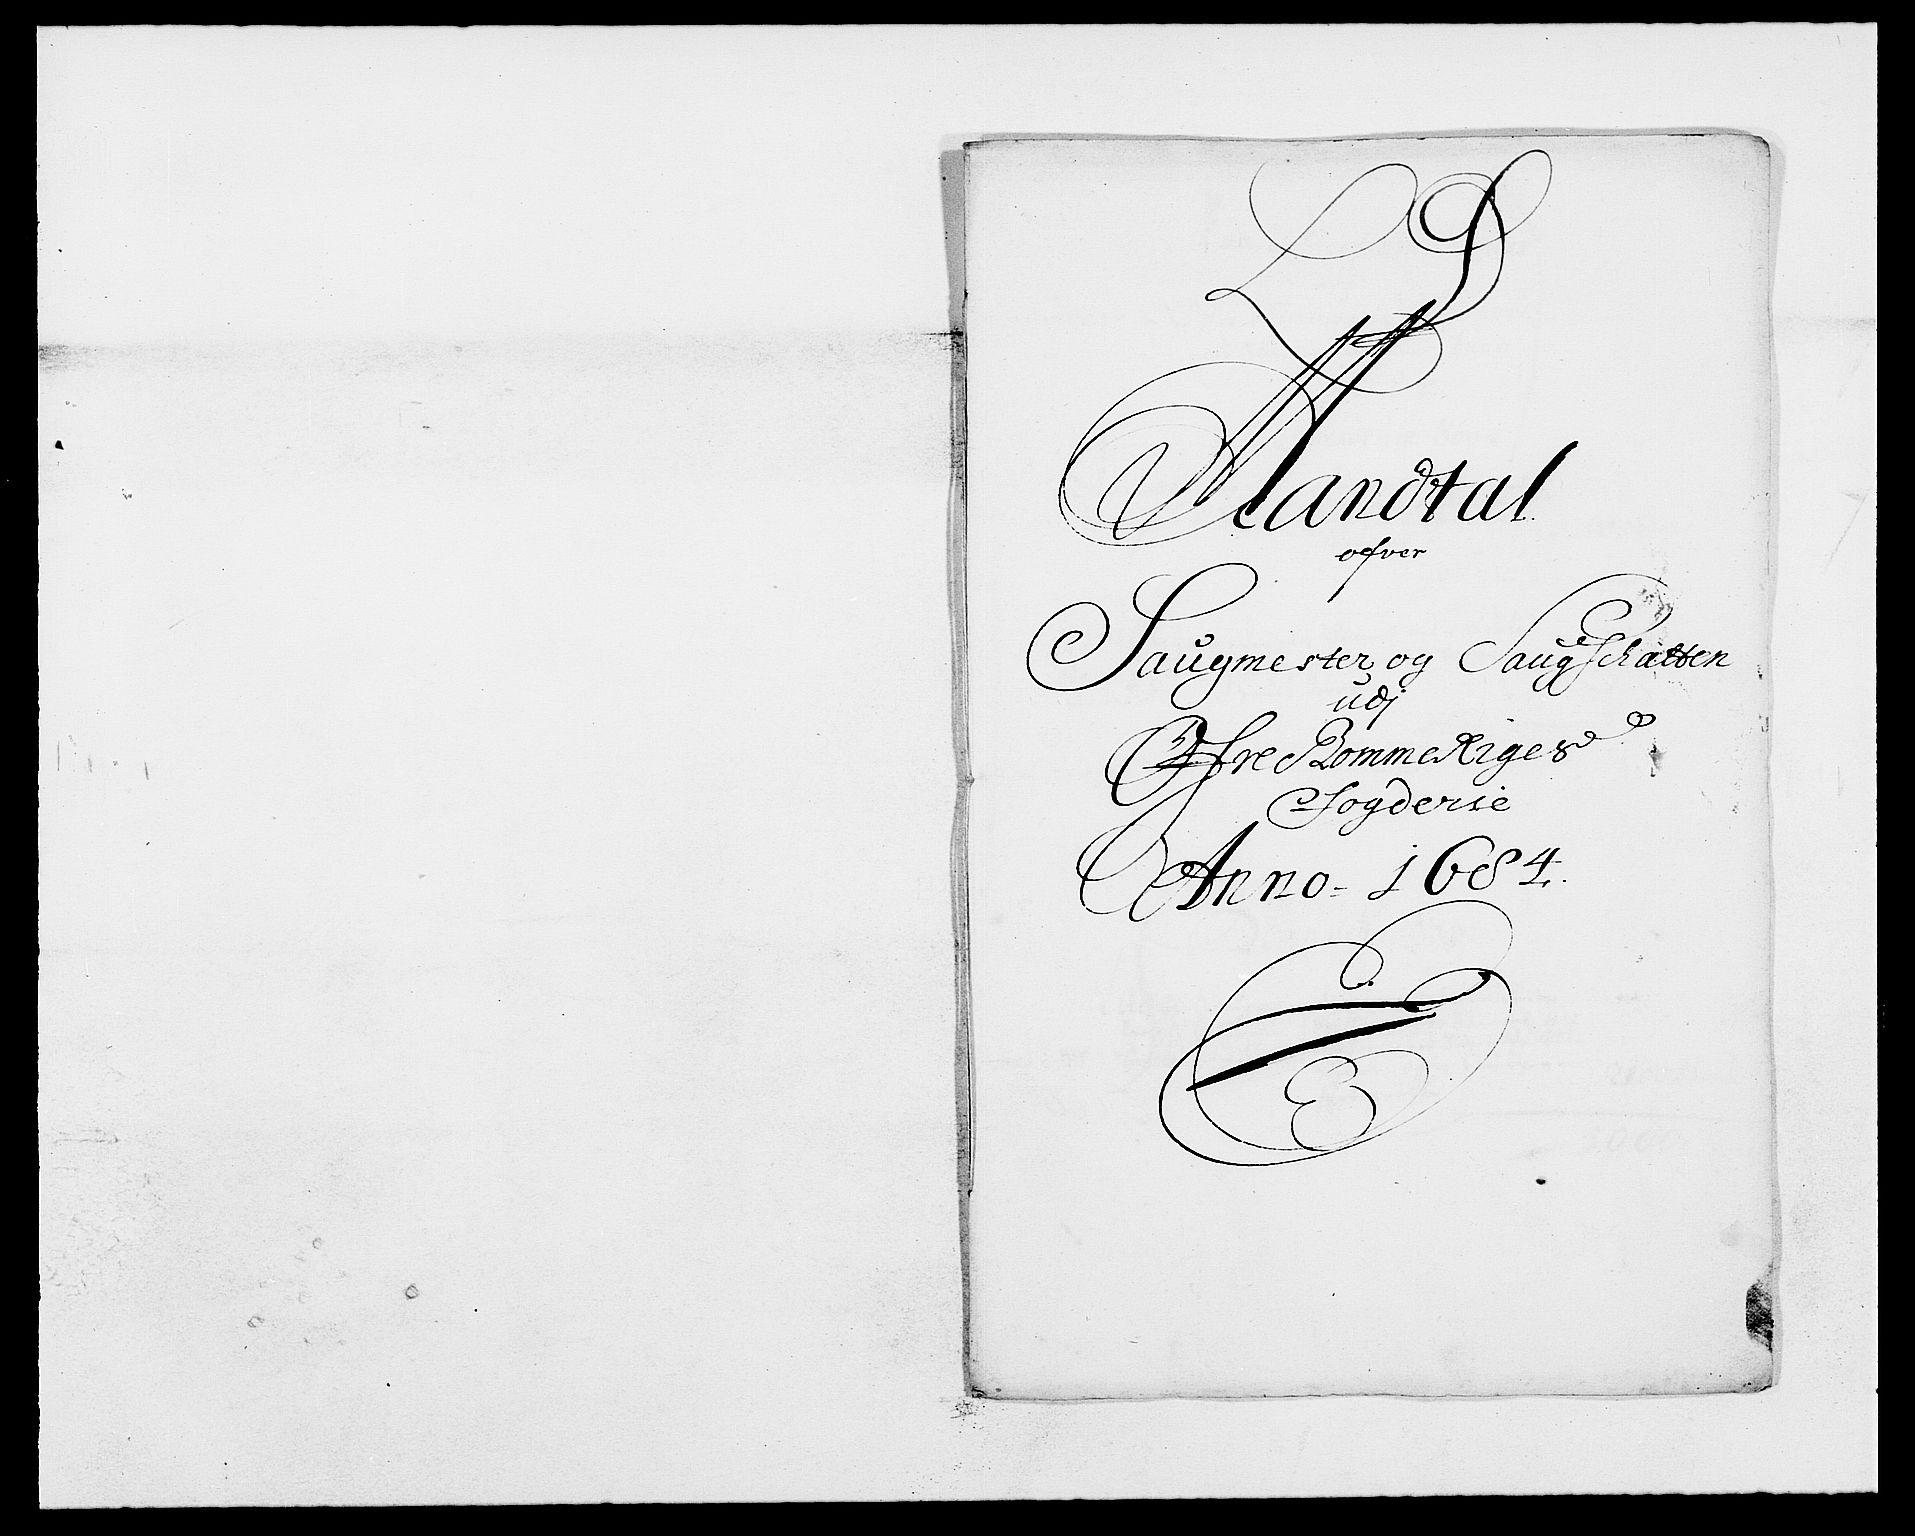 RA, Rentekammeret inntil 1814, Reviderte regnskaper, Fogderegnskap, R12/L0698: Fogderegnskap Øvre Romerike, 1684, s. 51